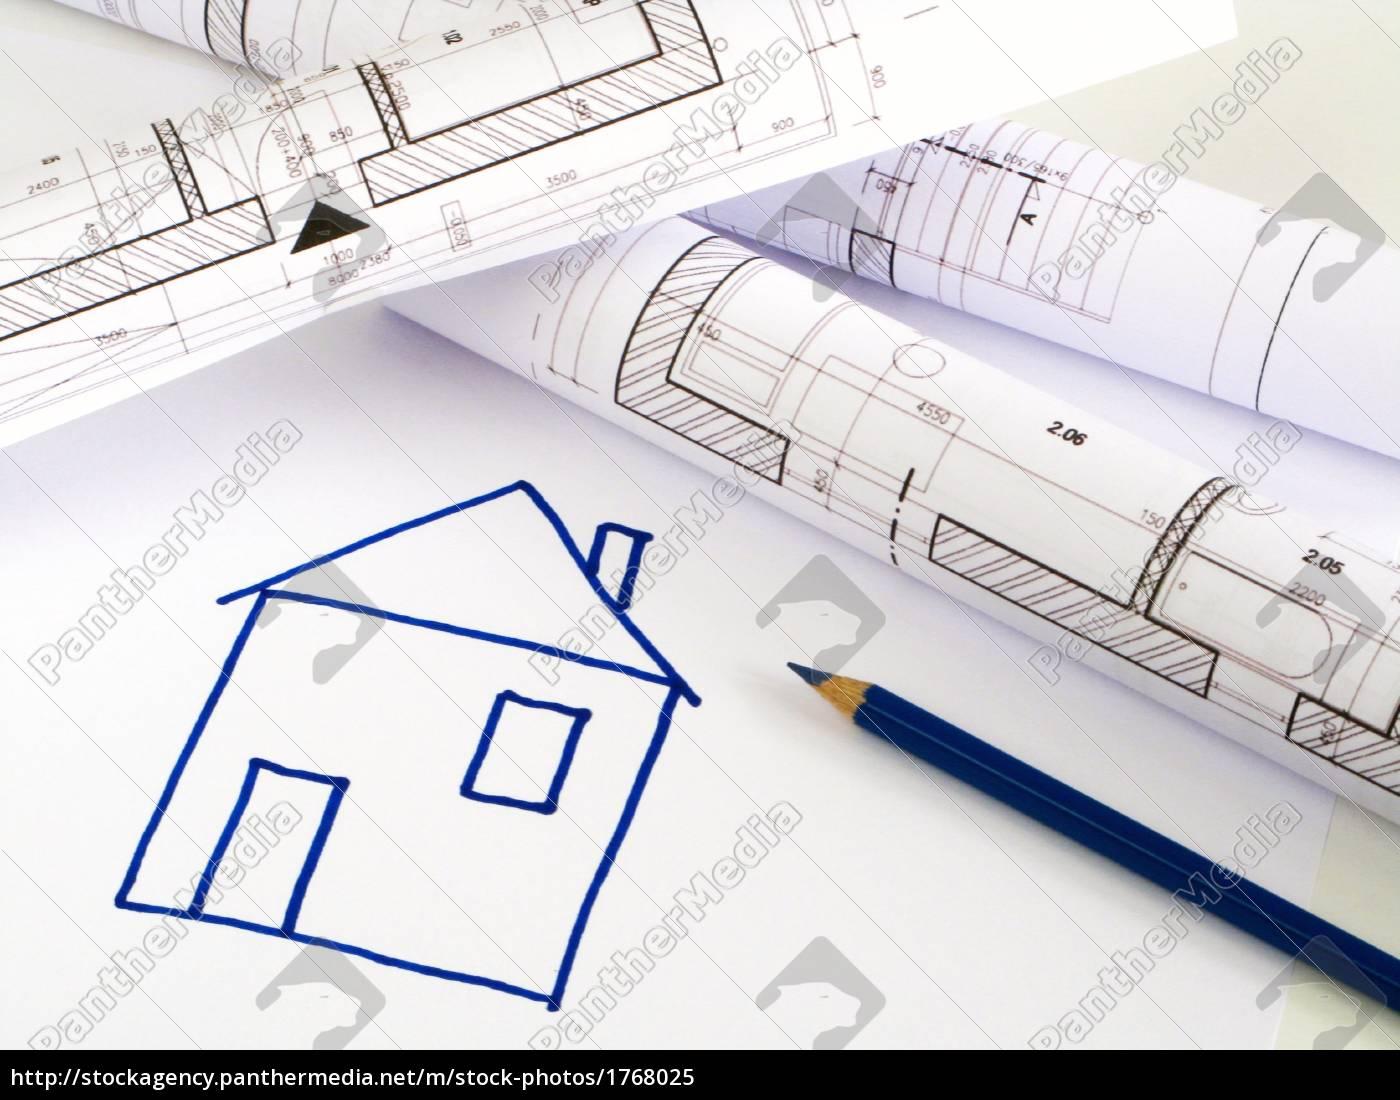 architektonische skizze haus plan - Lizenzfreies Bild - #1768025 ...